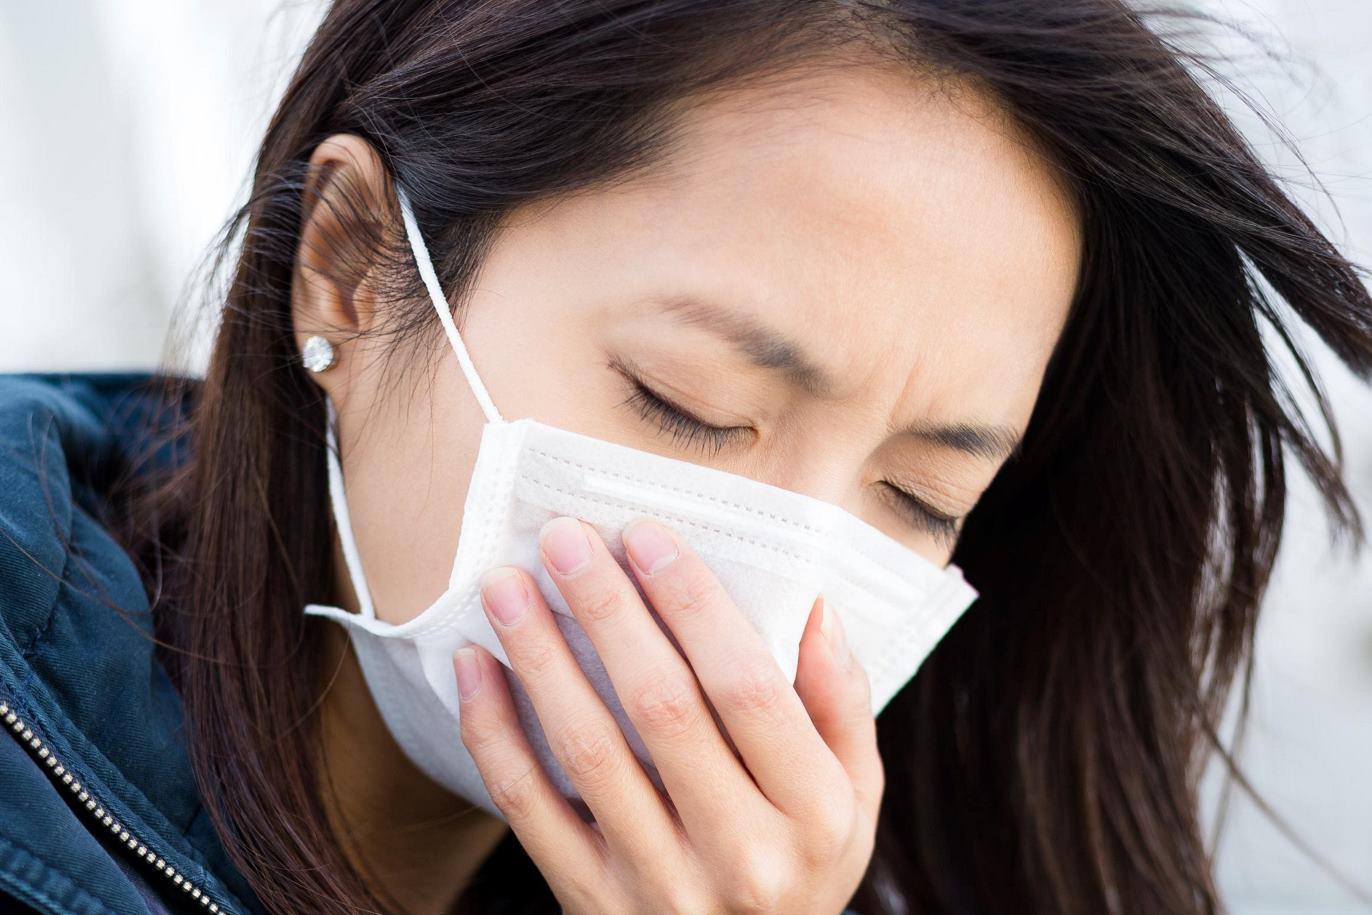 هل ينتقل فيروس كورونا بالهواء؟ أم لا...